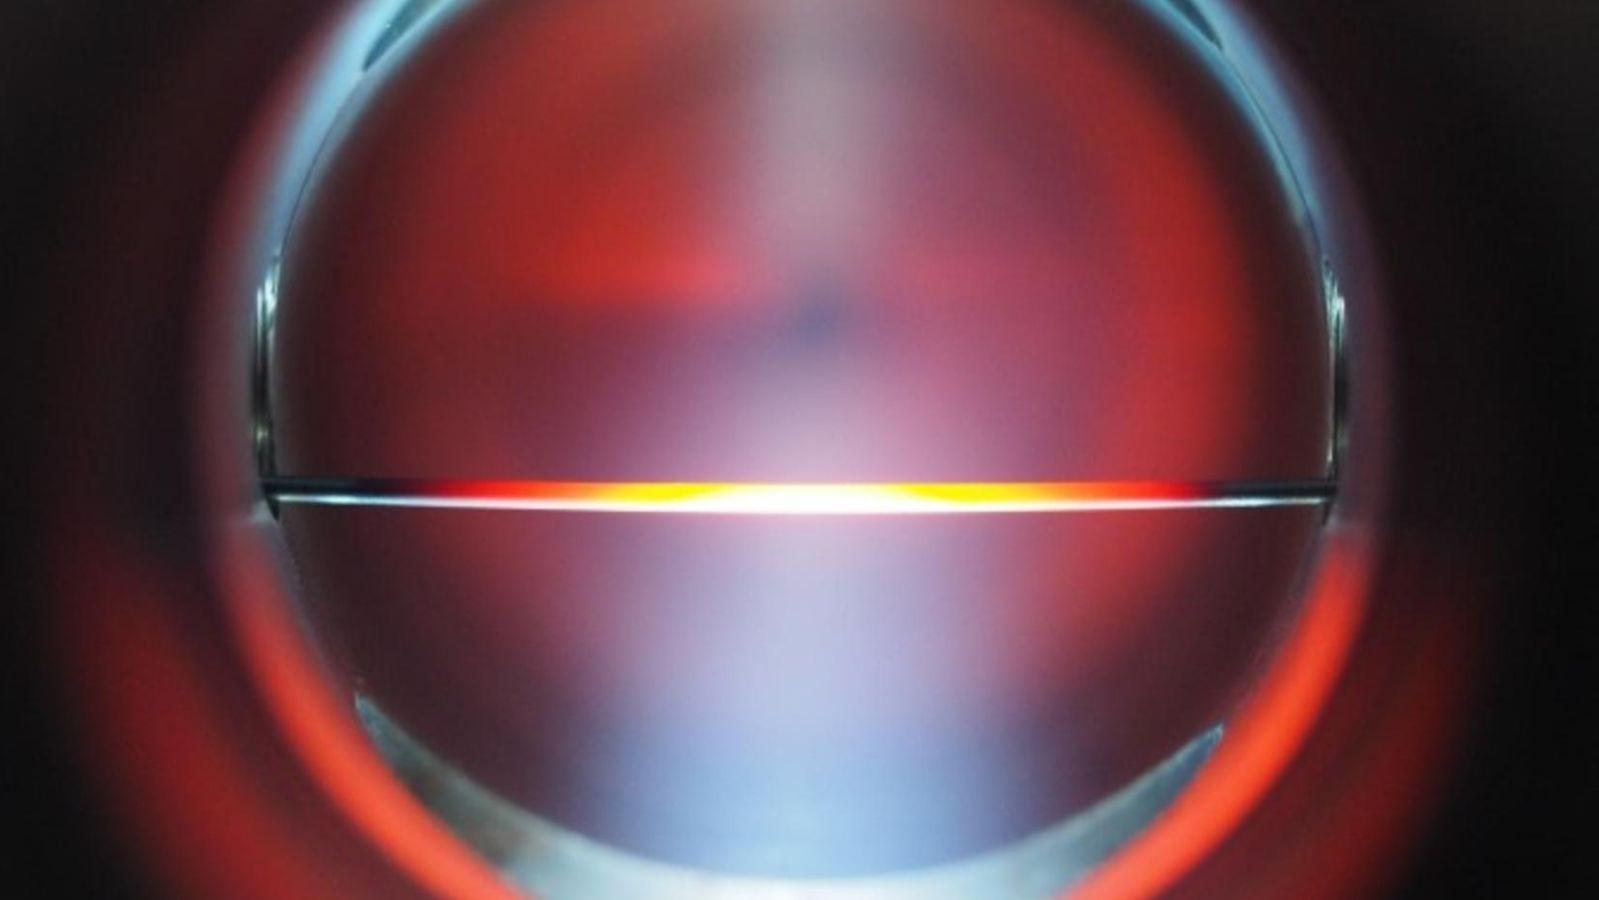 Das Bild zeigt einen Plasmastrahl.